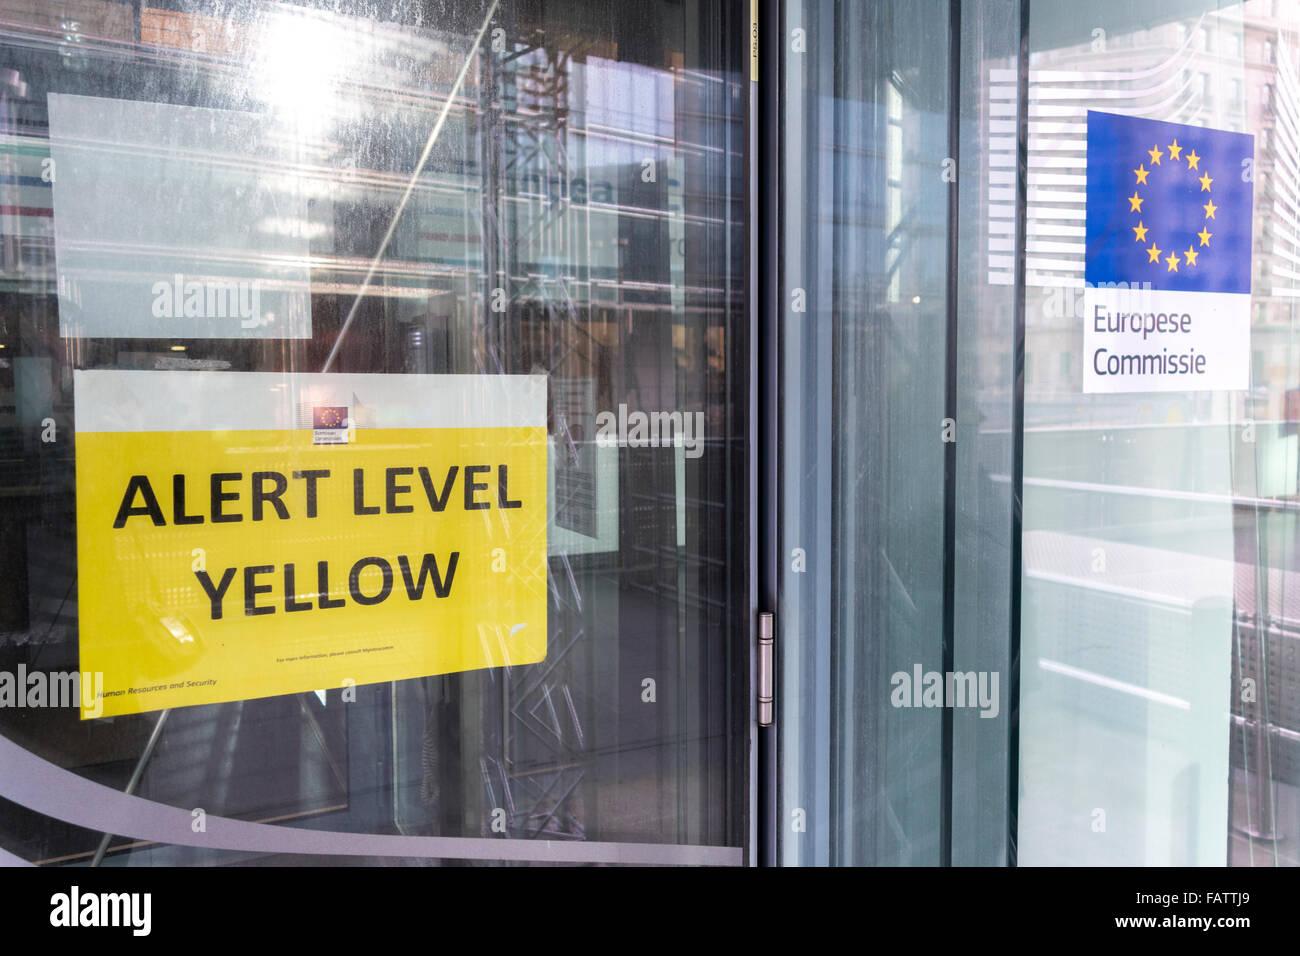 Brüssel, Europäische Kommission. Charlemagne-Gebäude. Schild am Eingang zeigt Sicherheit oder terroristische Stockbild